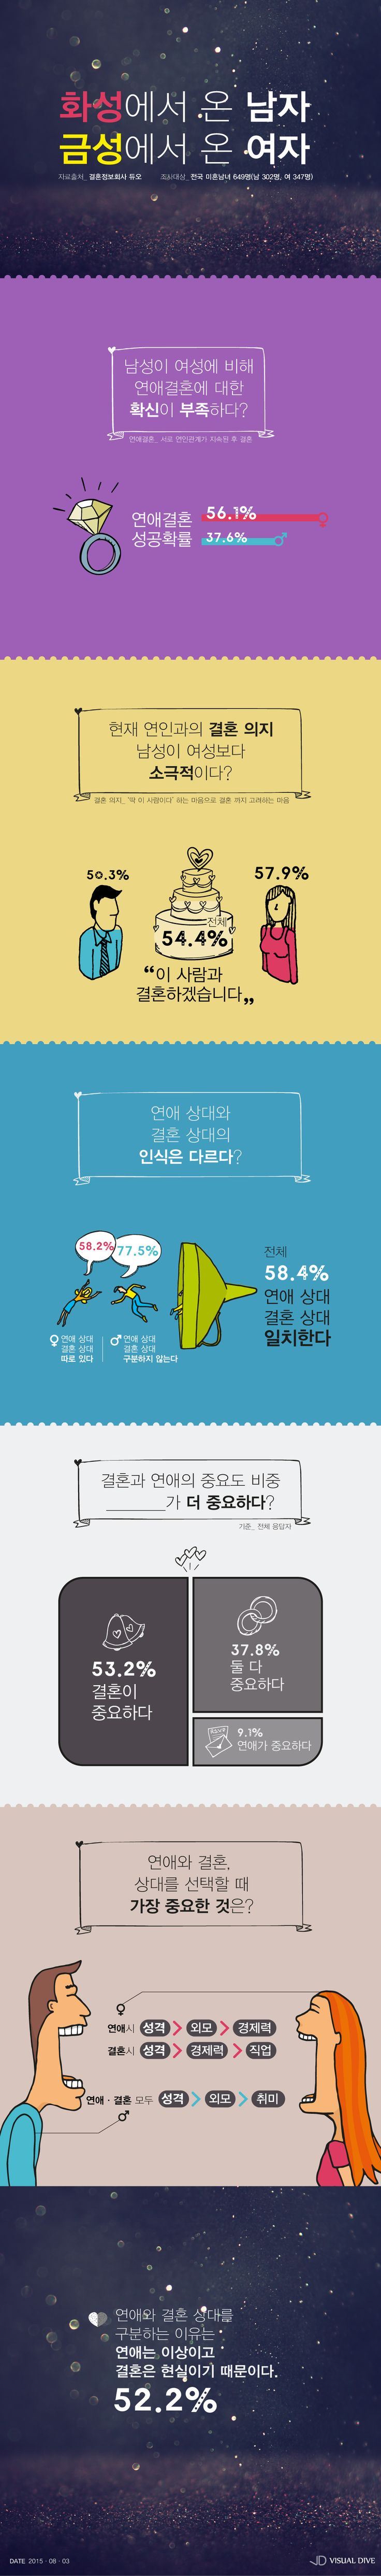 그 남자 그 여자의 연애 그리고 결혼 [인포그래픽] #Wedding / #Infographic ⓒ 비주얼다이브 무단 복사·전재·재배포 금지